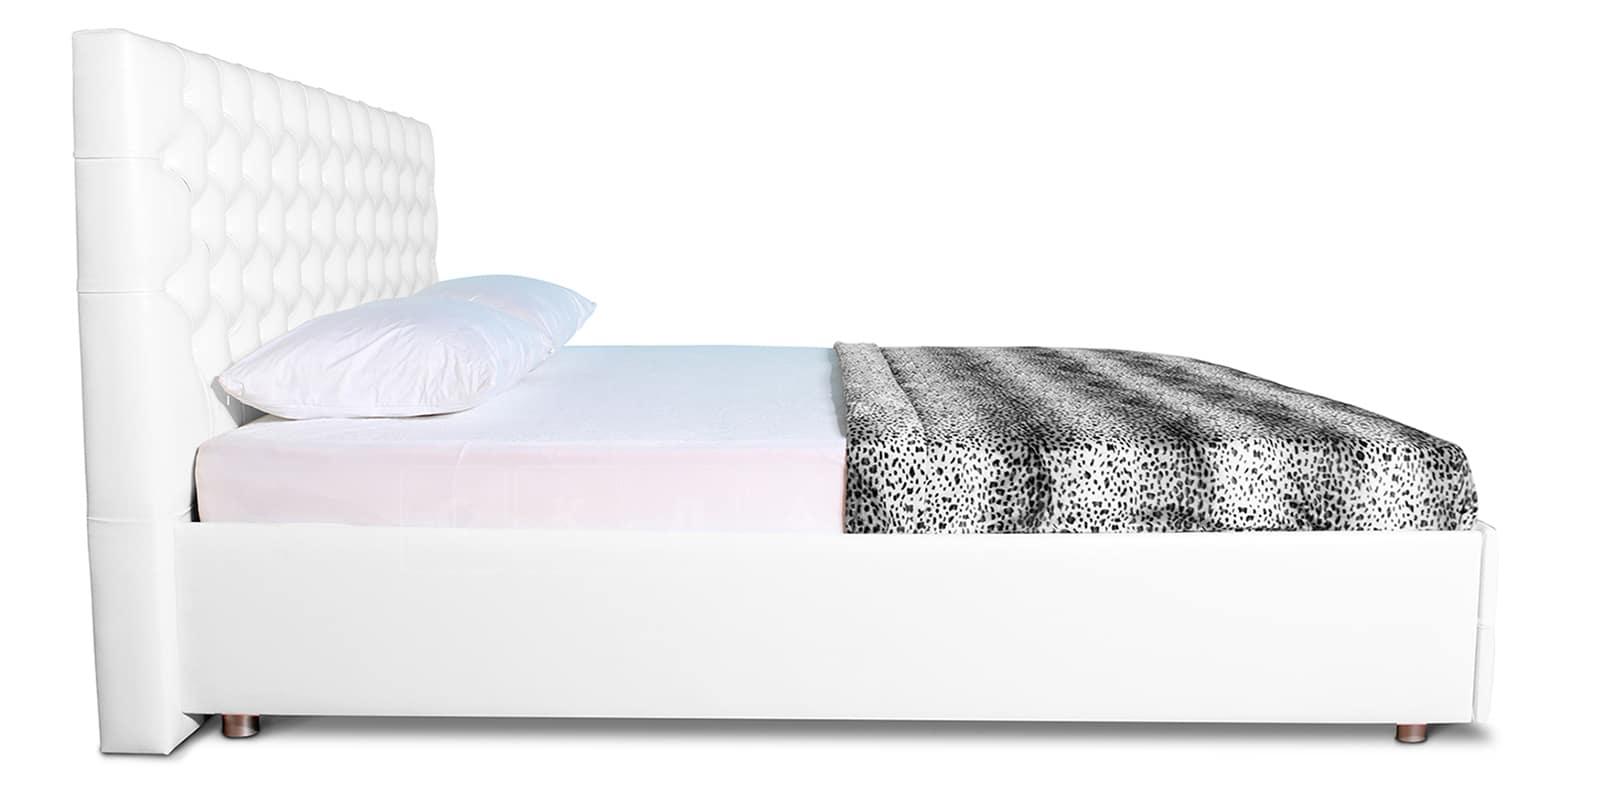 Мягкая кровать Малибу 160см экокожа белого цвета вариант 4 фото 4   интернет-магазин Складно